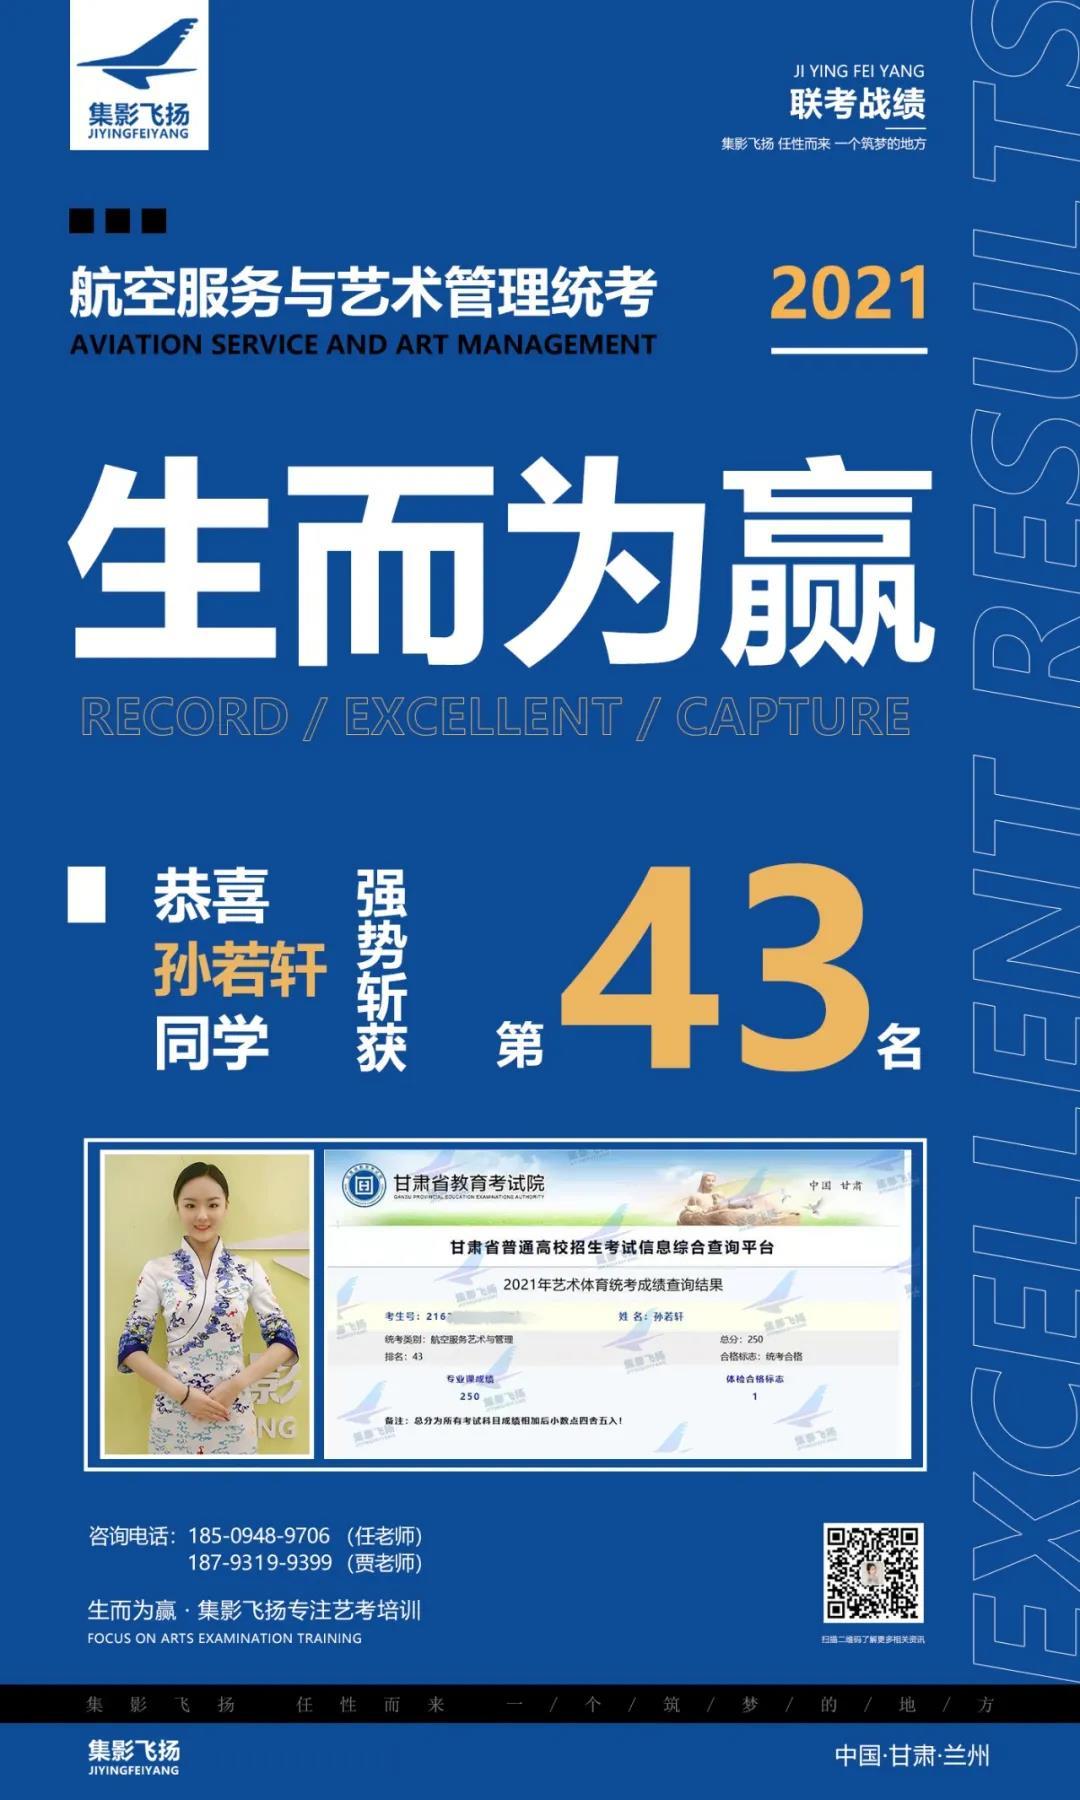 孙若轩同学斩获航空服务与艺术管理统考第43名